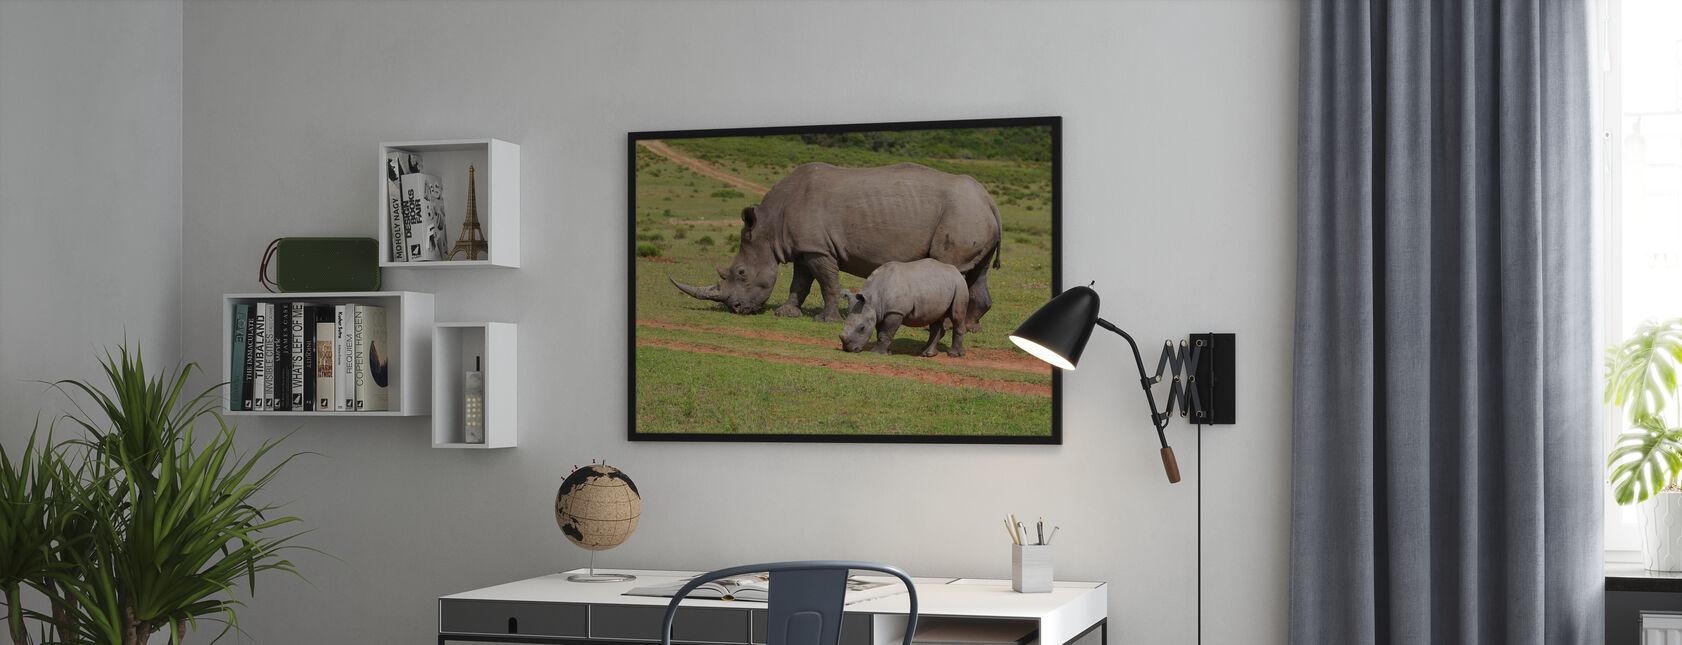 Grazing White Rhinoceros - Framed print - Office